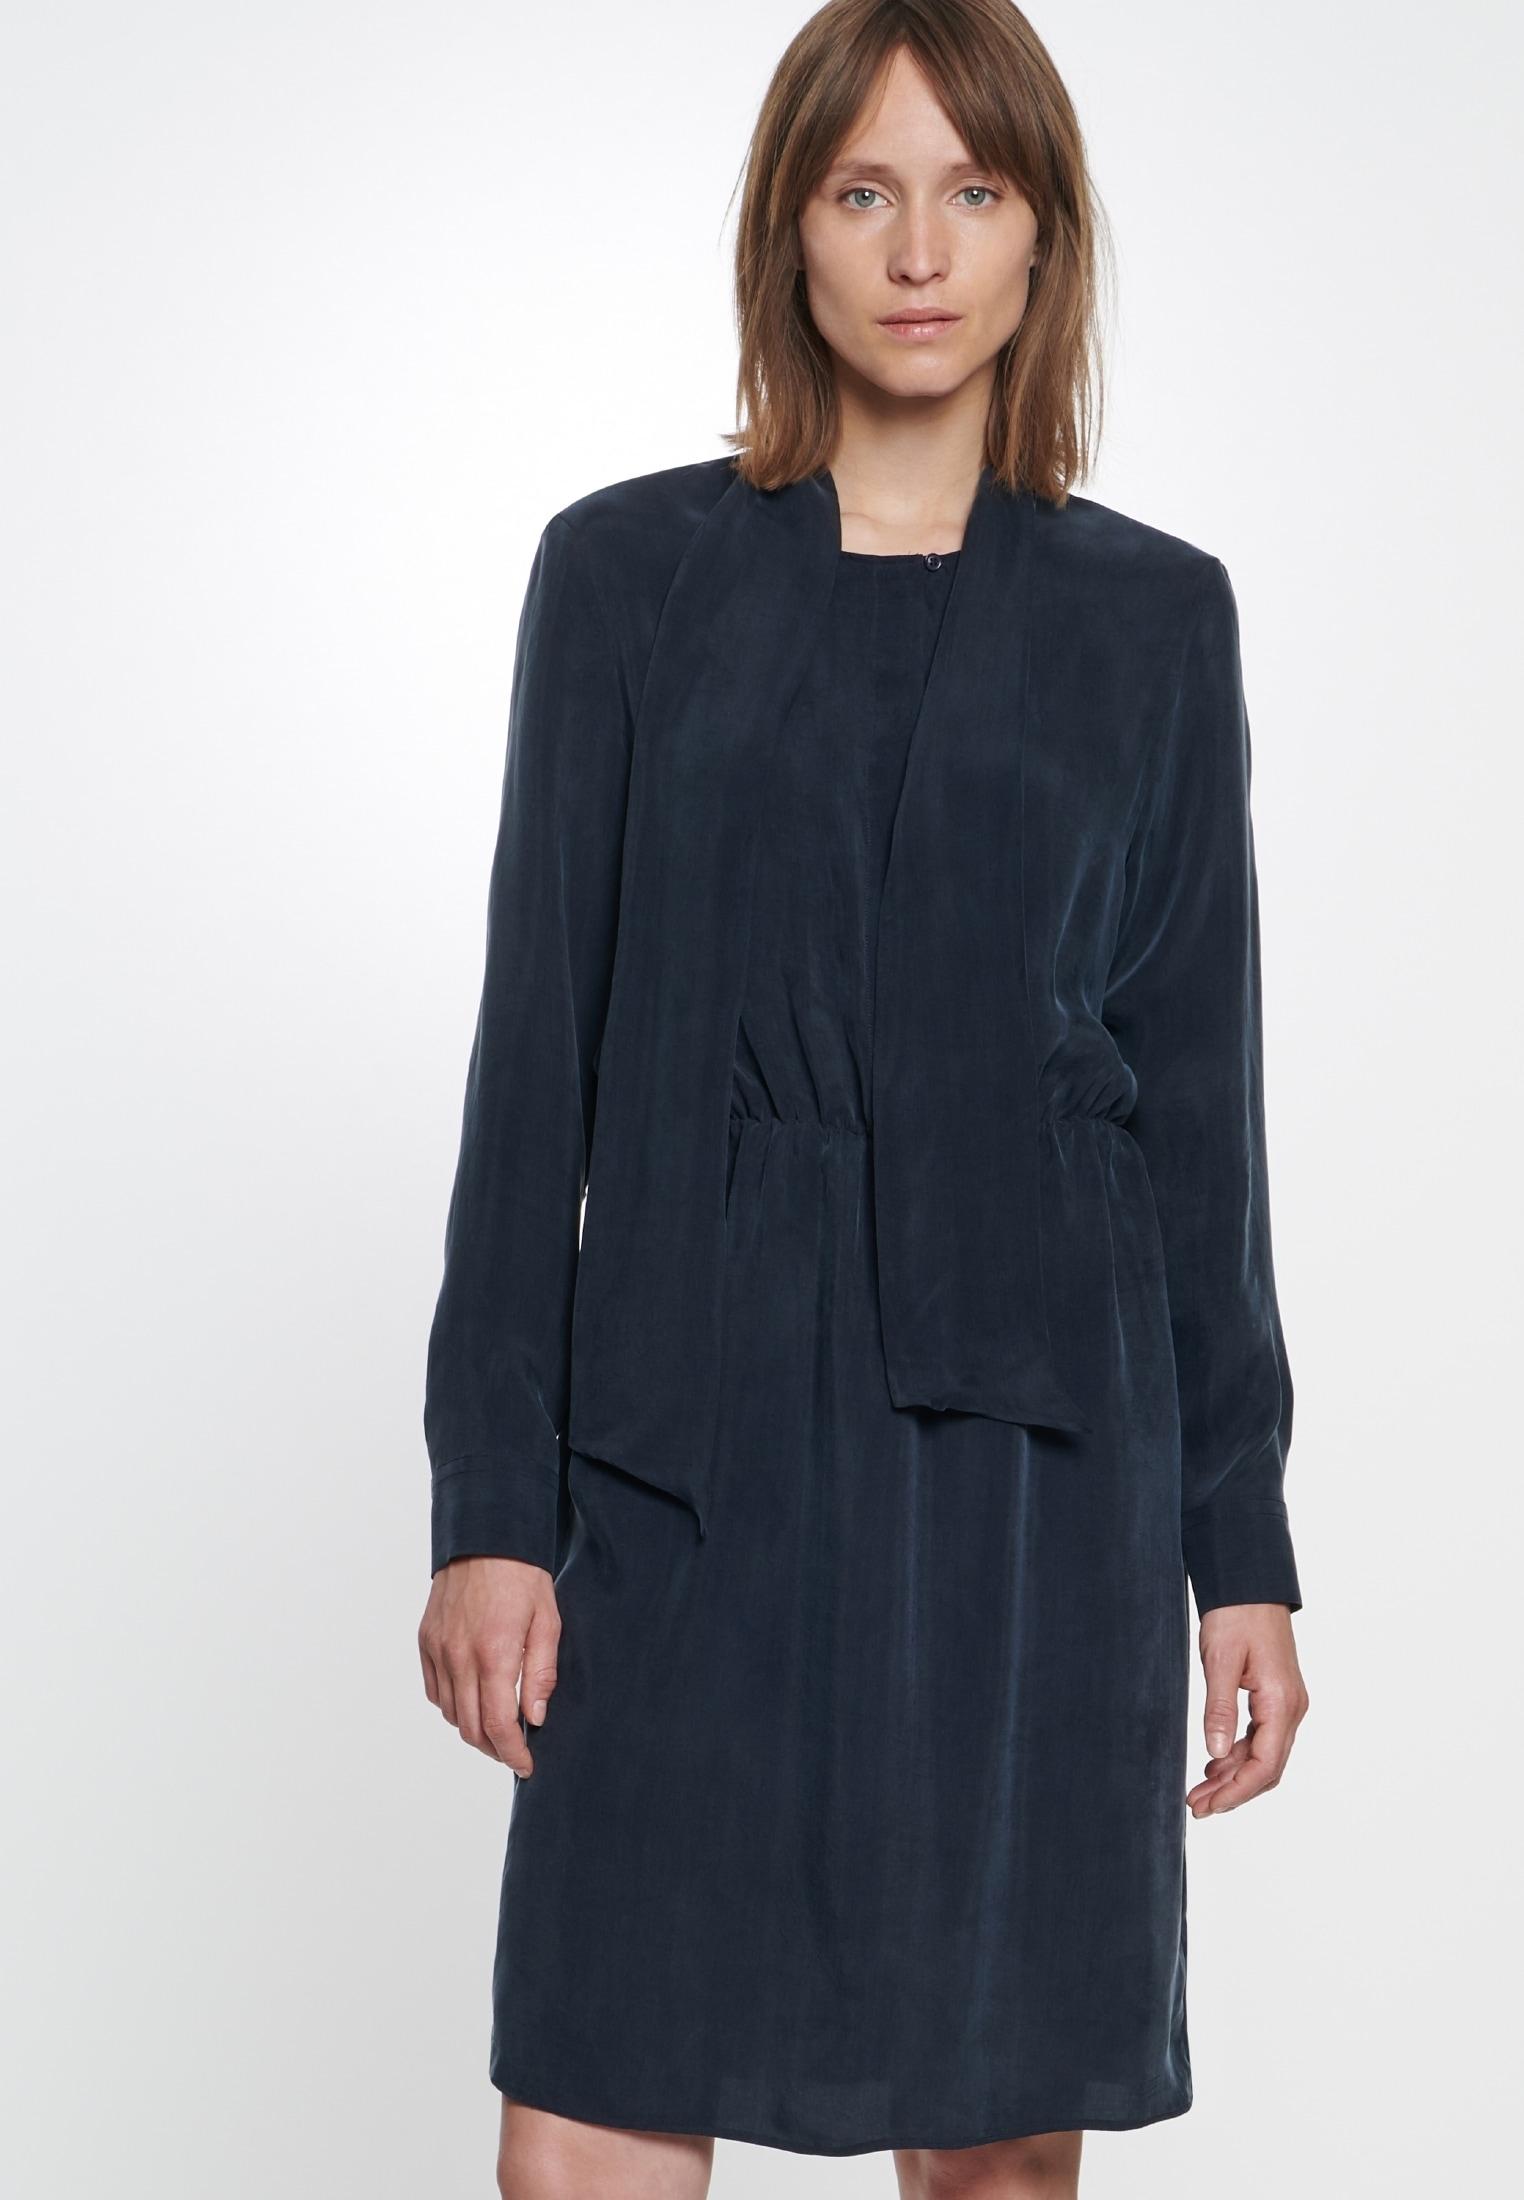 seidensticker Sommerkleid Schwarze Rose   Bekleidung > Kleider > Sommerkleider   Blau   Seidensticker